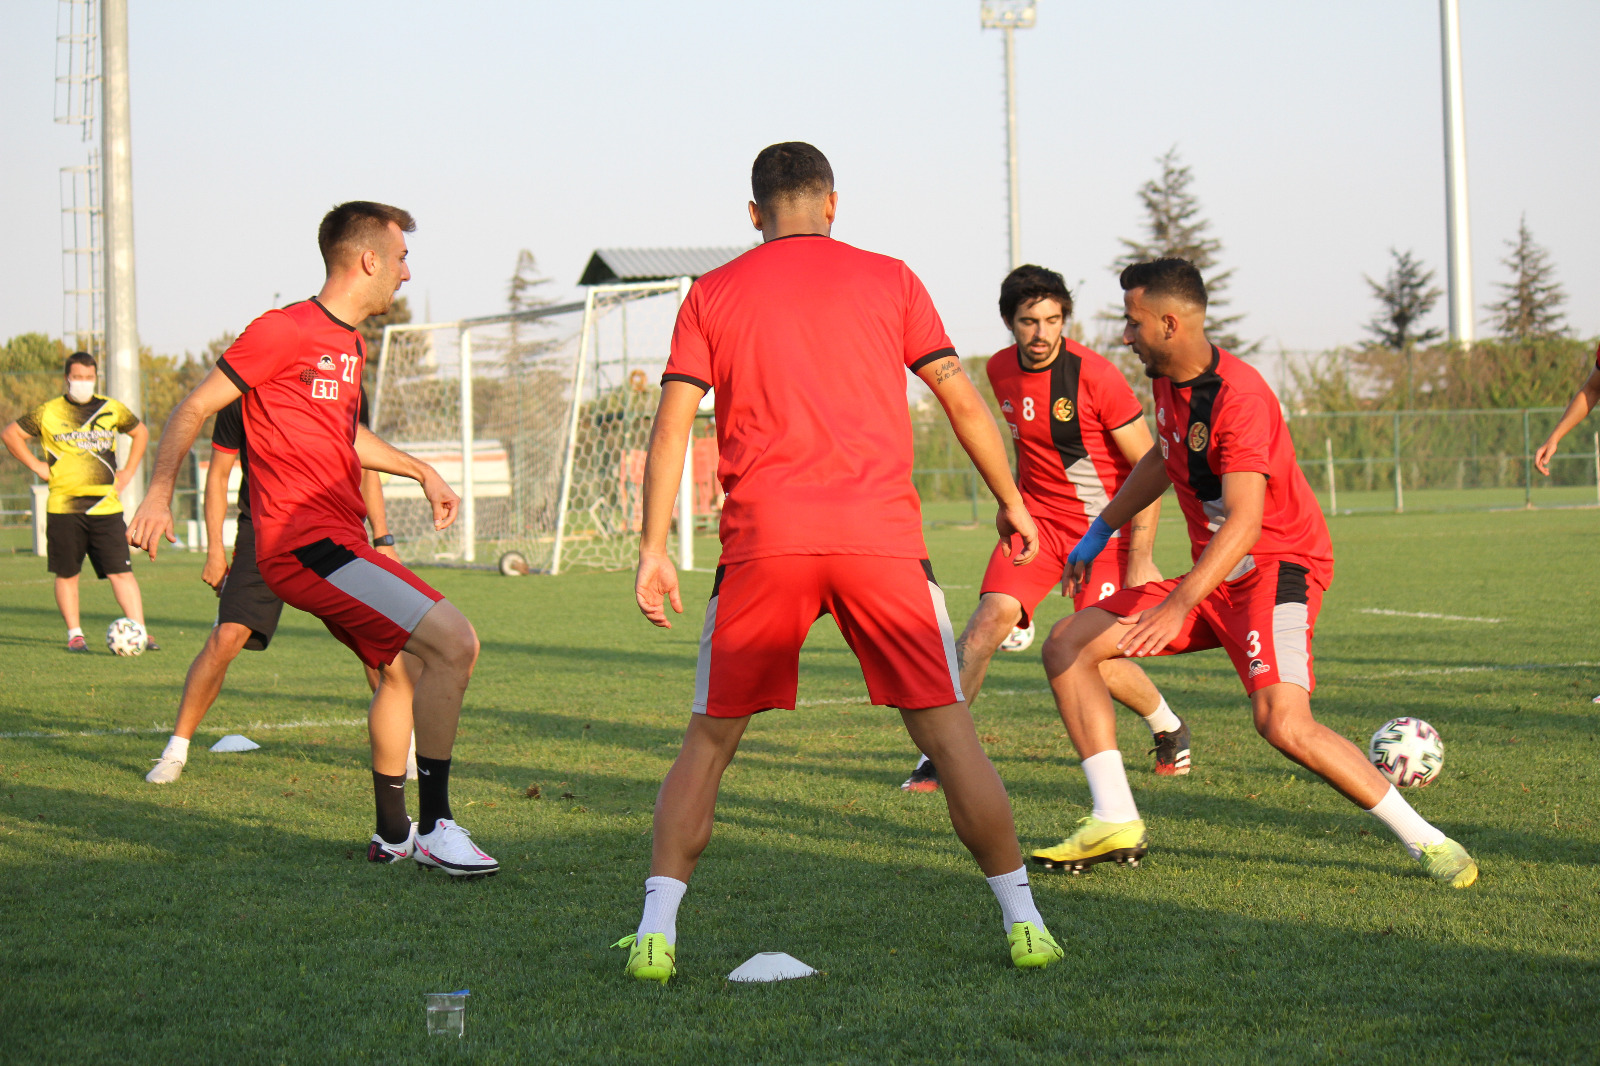 Adanaspor Maçı Hazırlıklarımız Tamamlandı